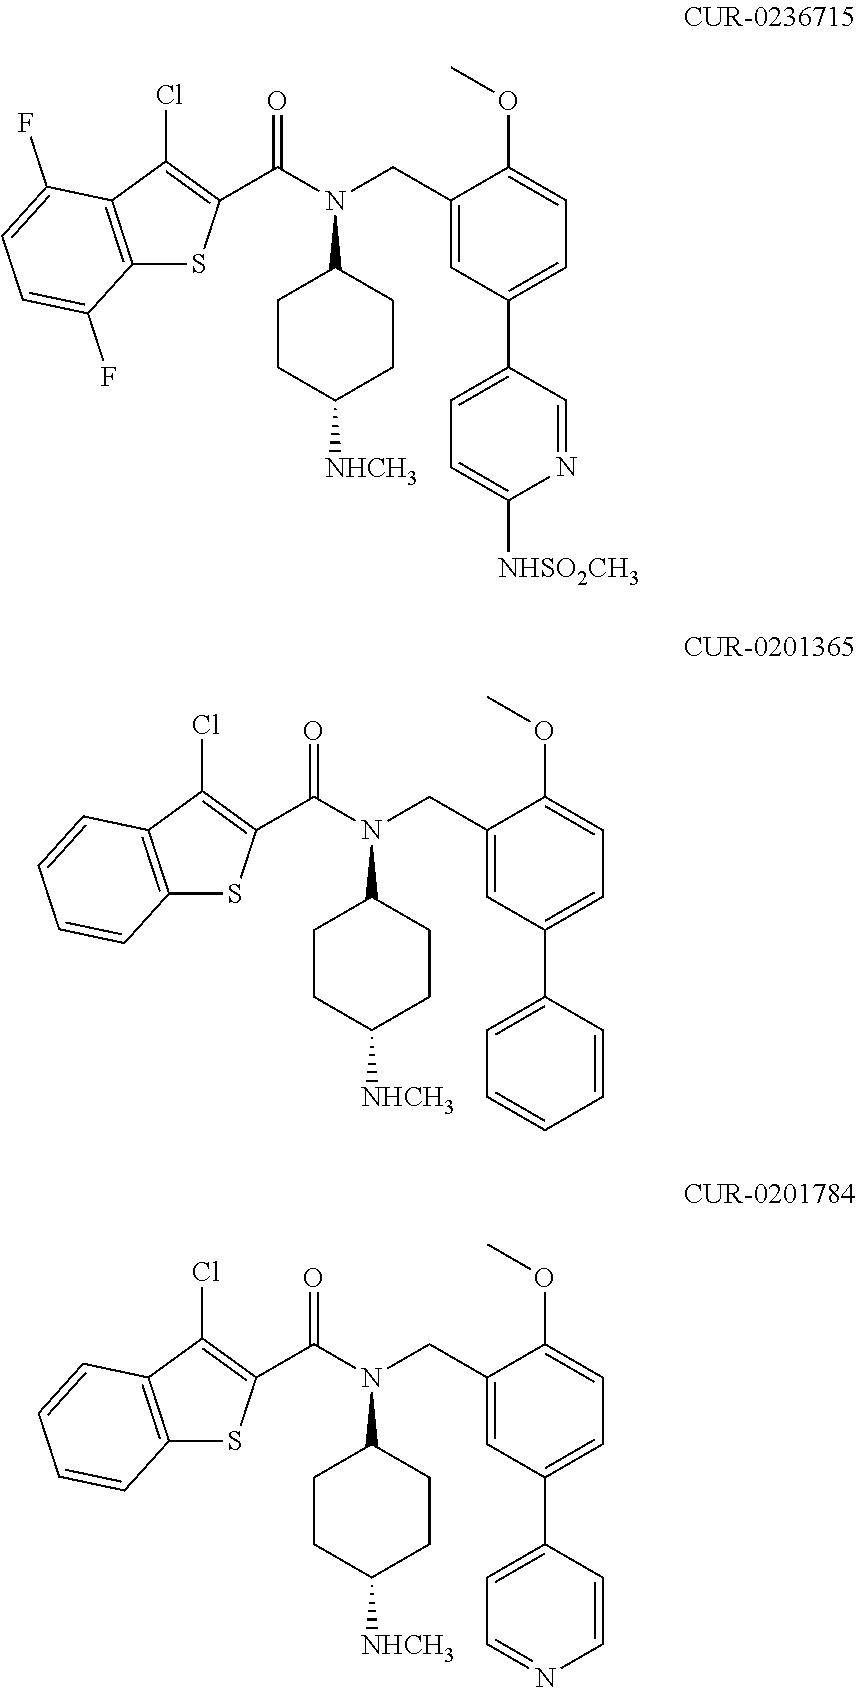 Figure US20120095445A1-20120419-C00001